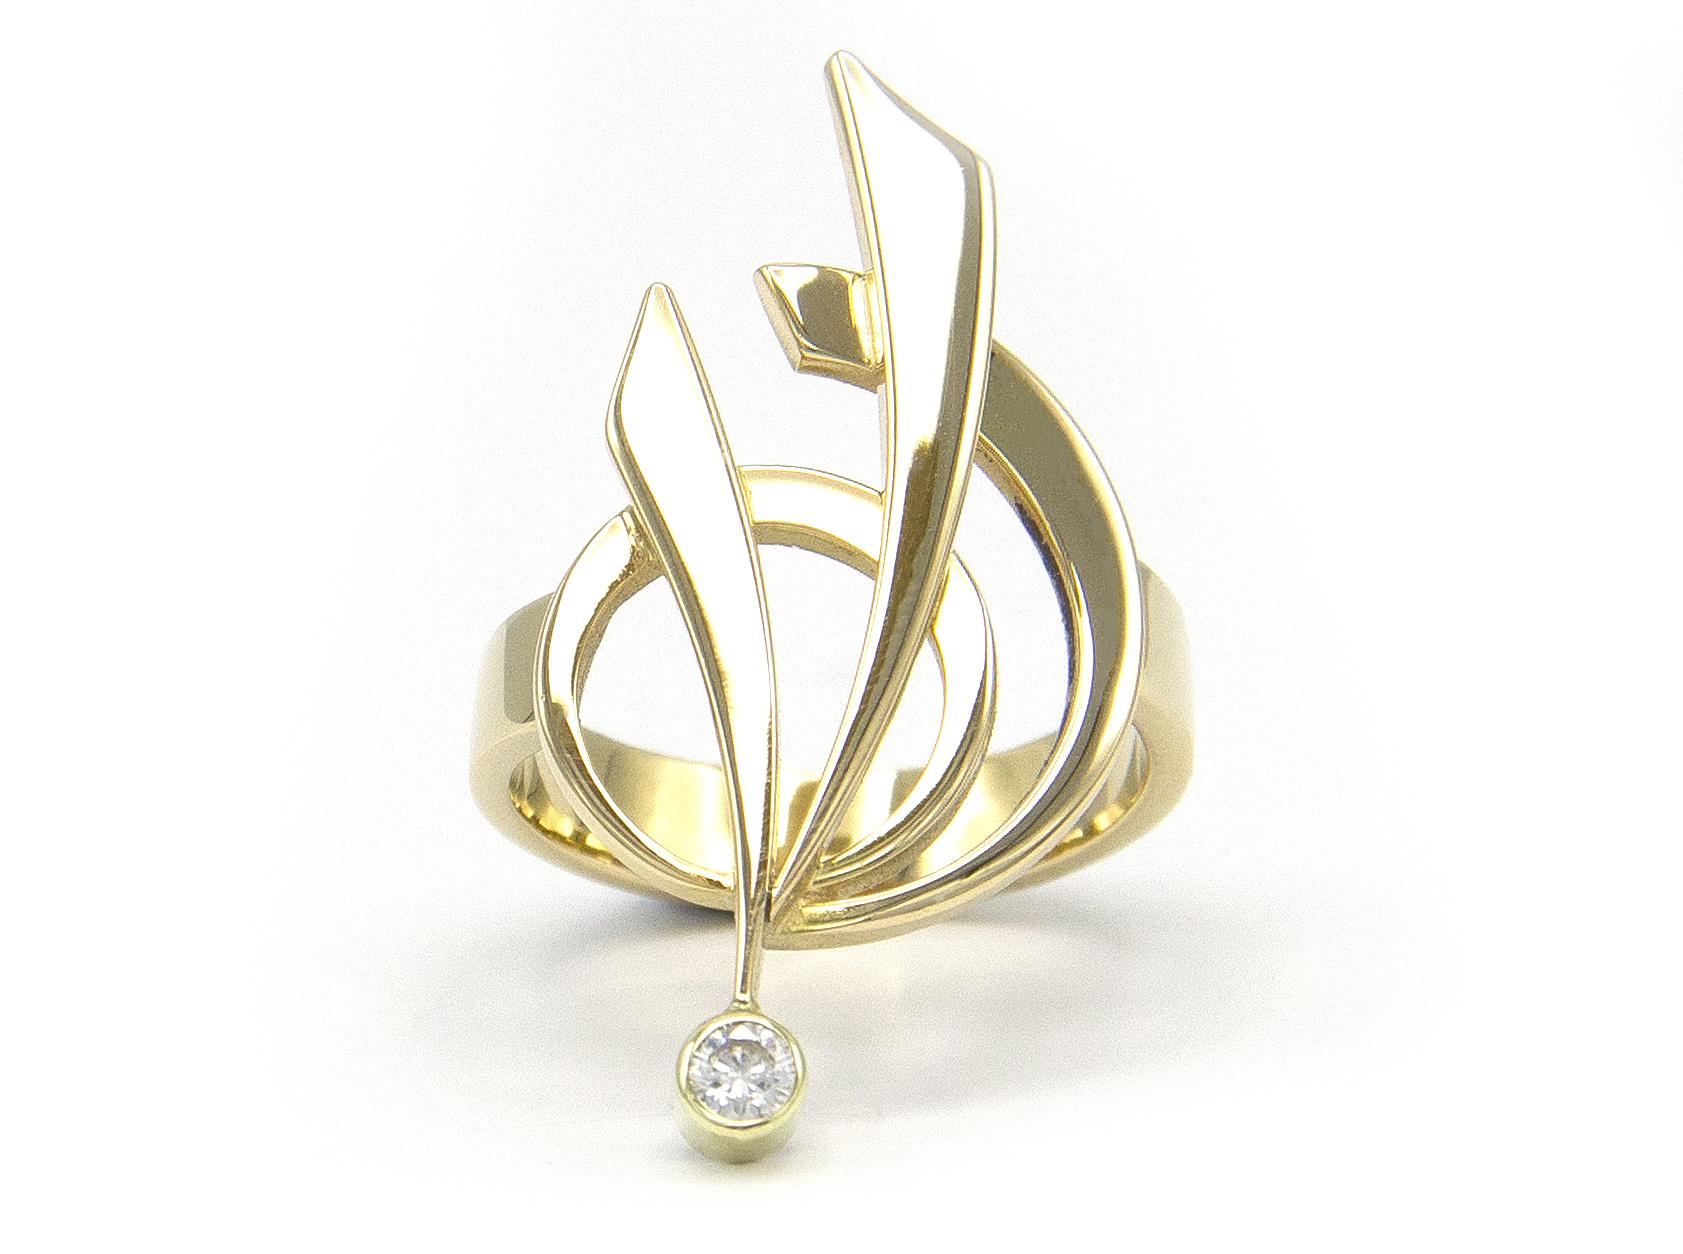 Geelgouden ring met diamant - Around-3